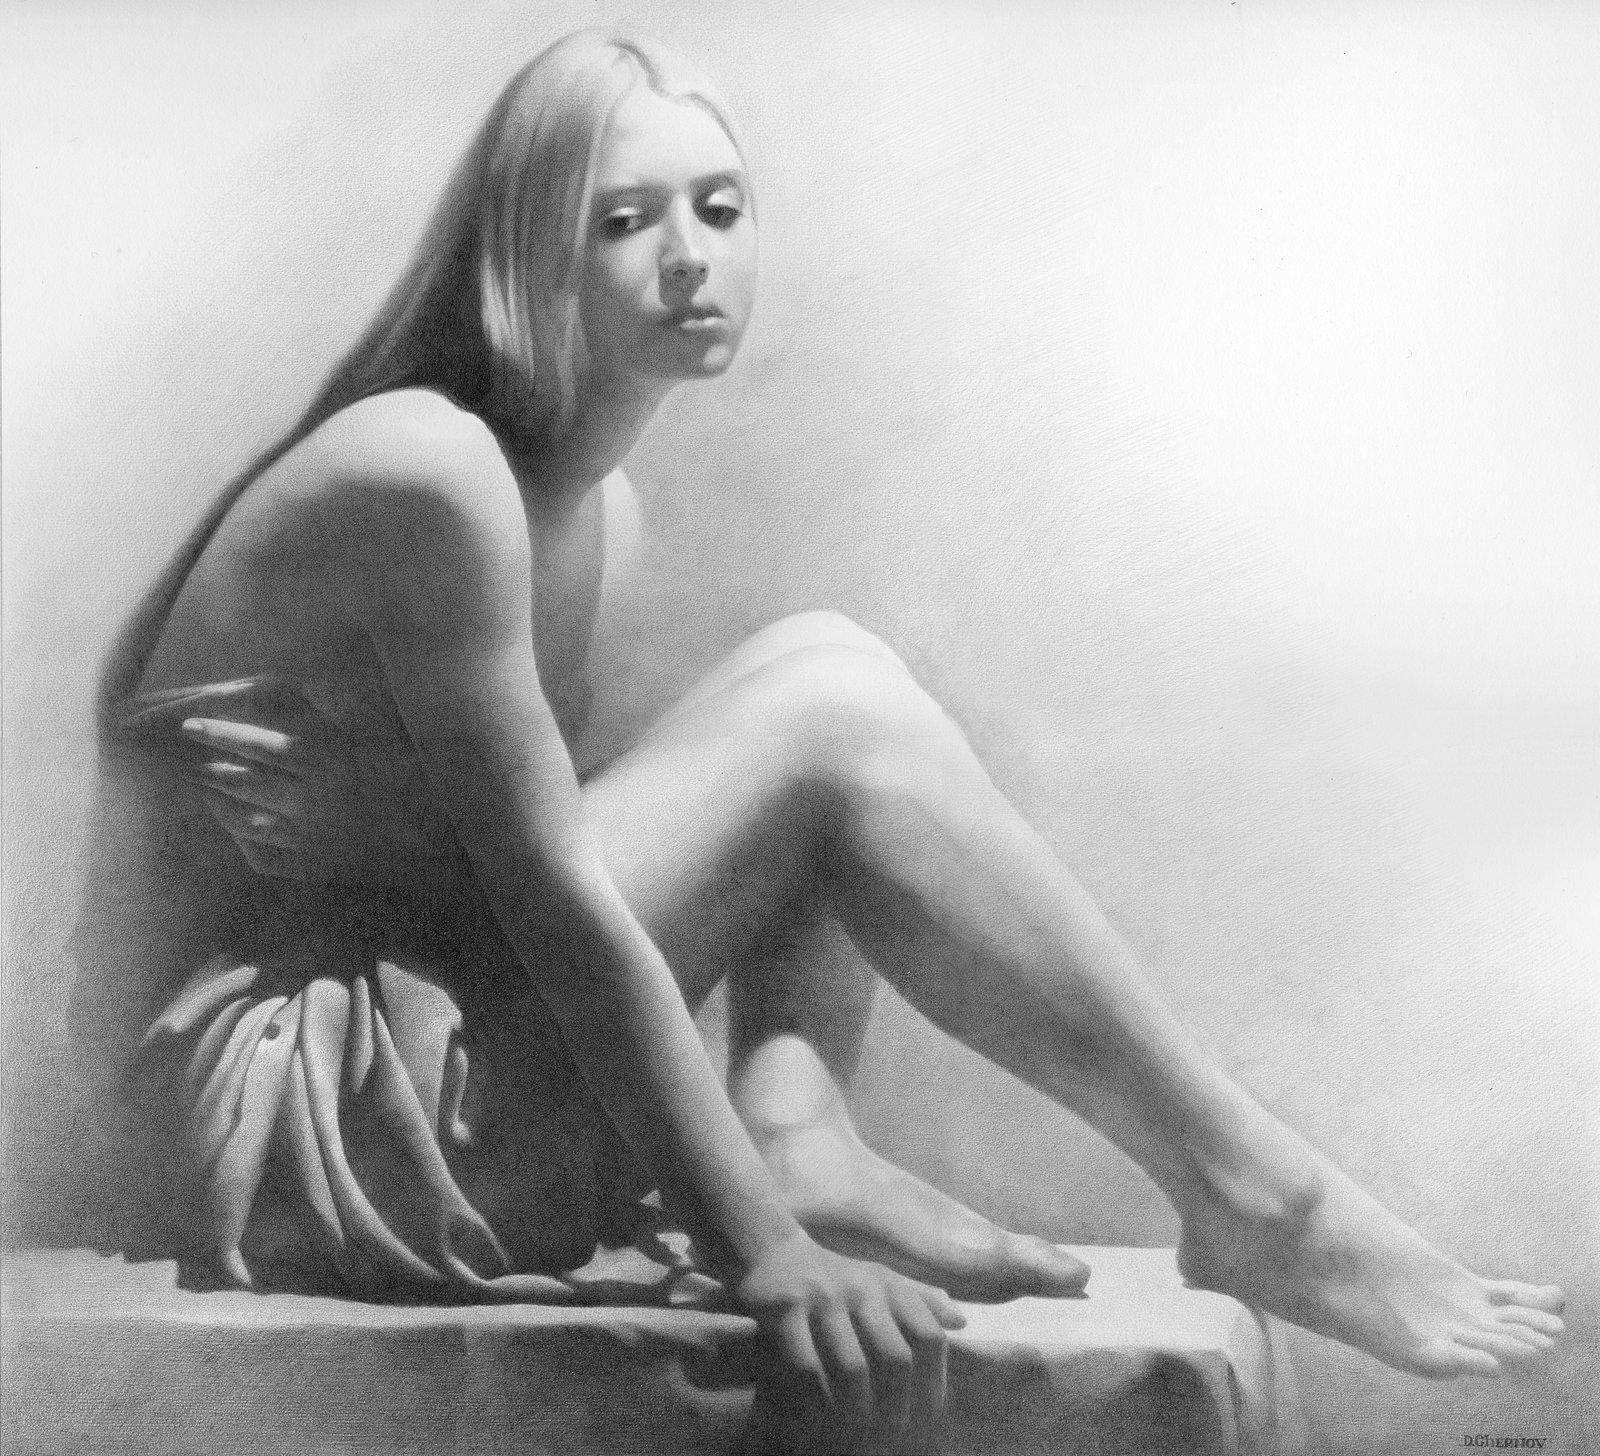 Художники рисующие голых девочек 6 фотография